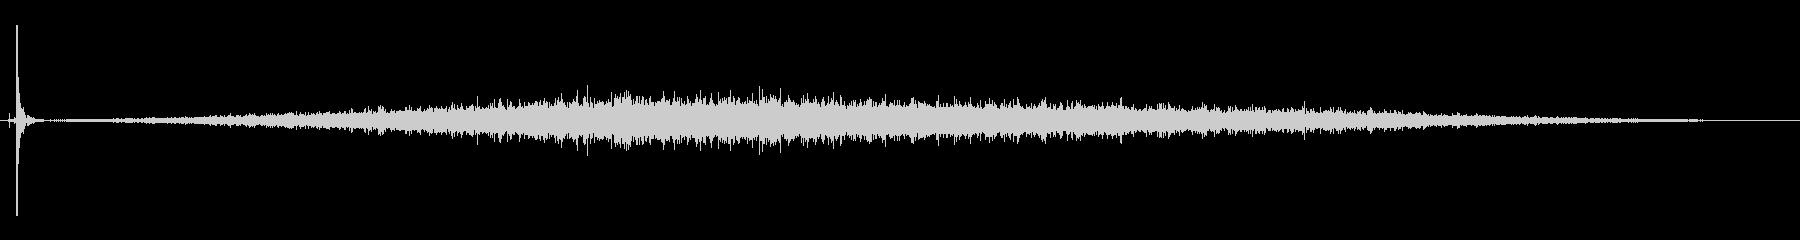 ゴムタイヤの乗り物がパンクした音_02の未再生の波形